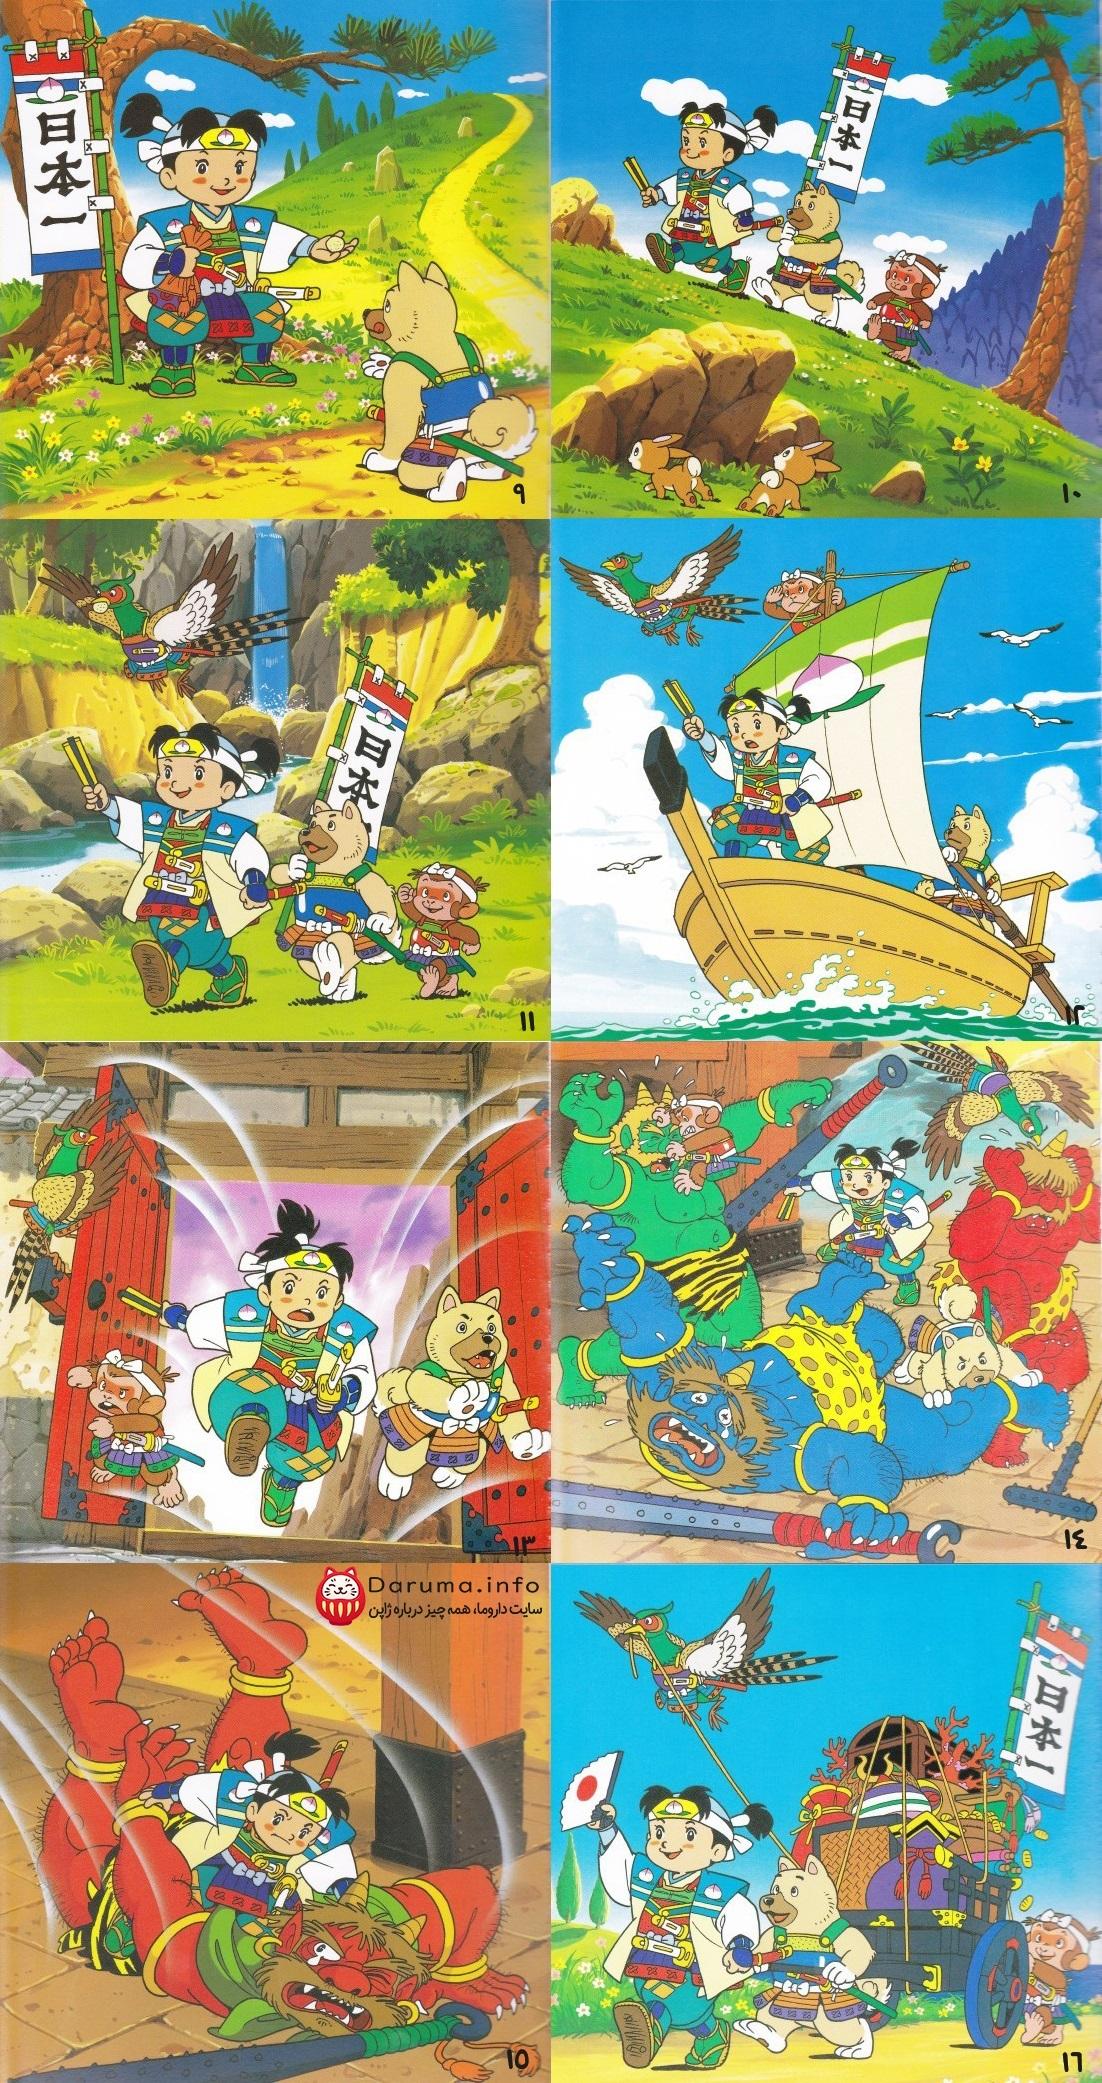 موموتارو ، داستان فولکور ژاپنی با زیرنویس ژاپنی و فارسی